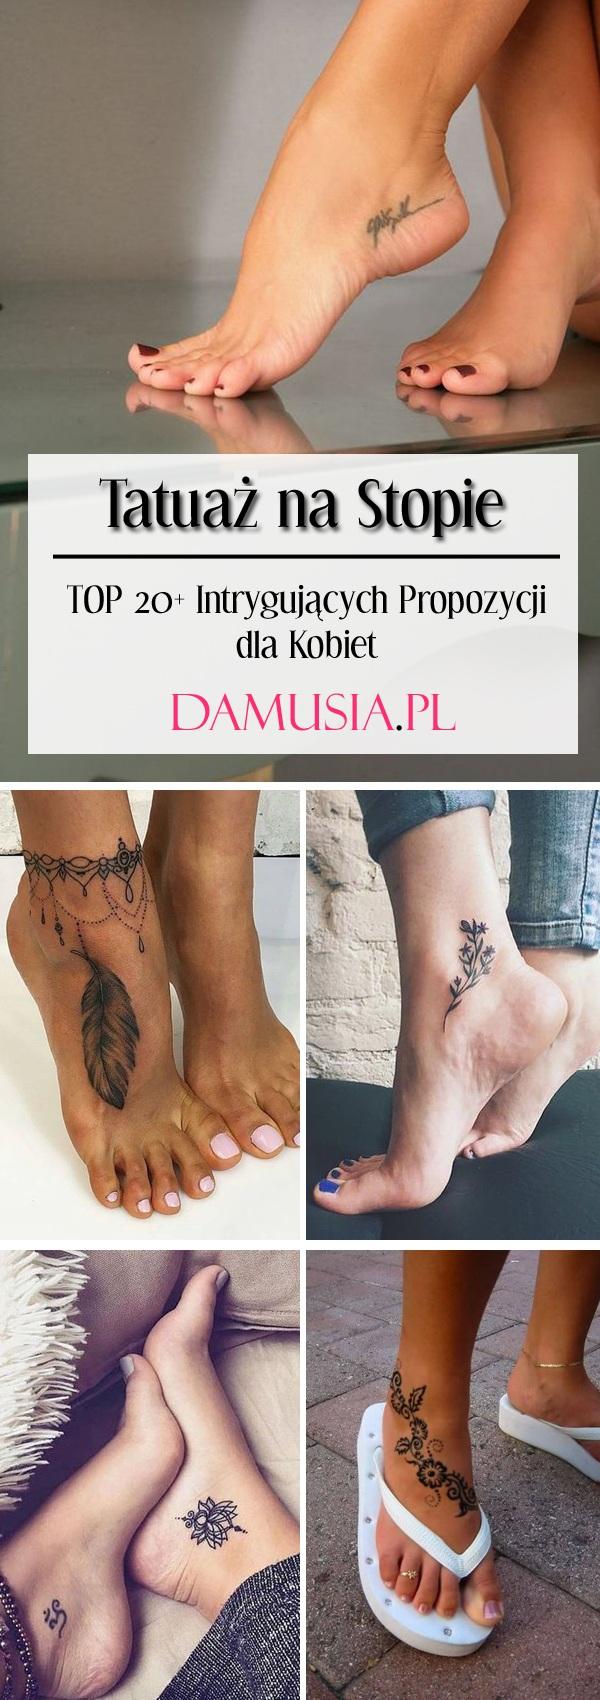 Tatuaż Na Stopie Top 20 Intrygujących Propozycji Dla Kobiet